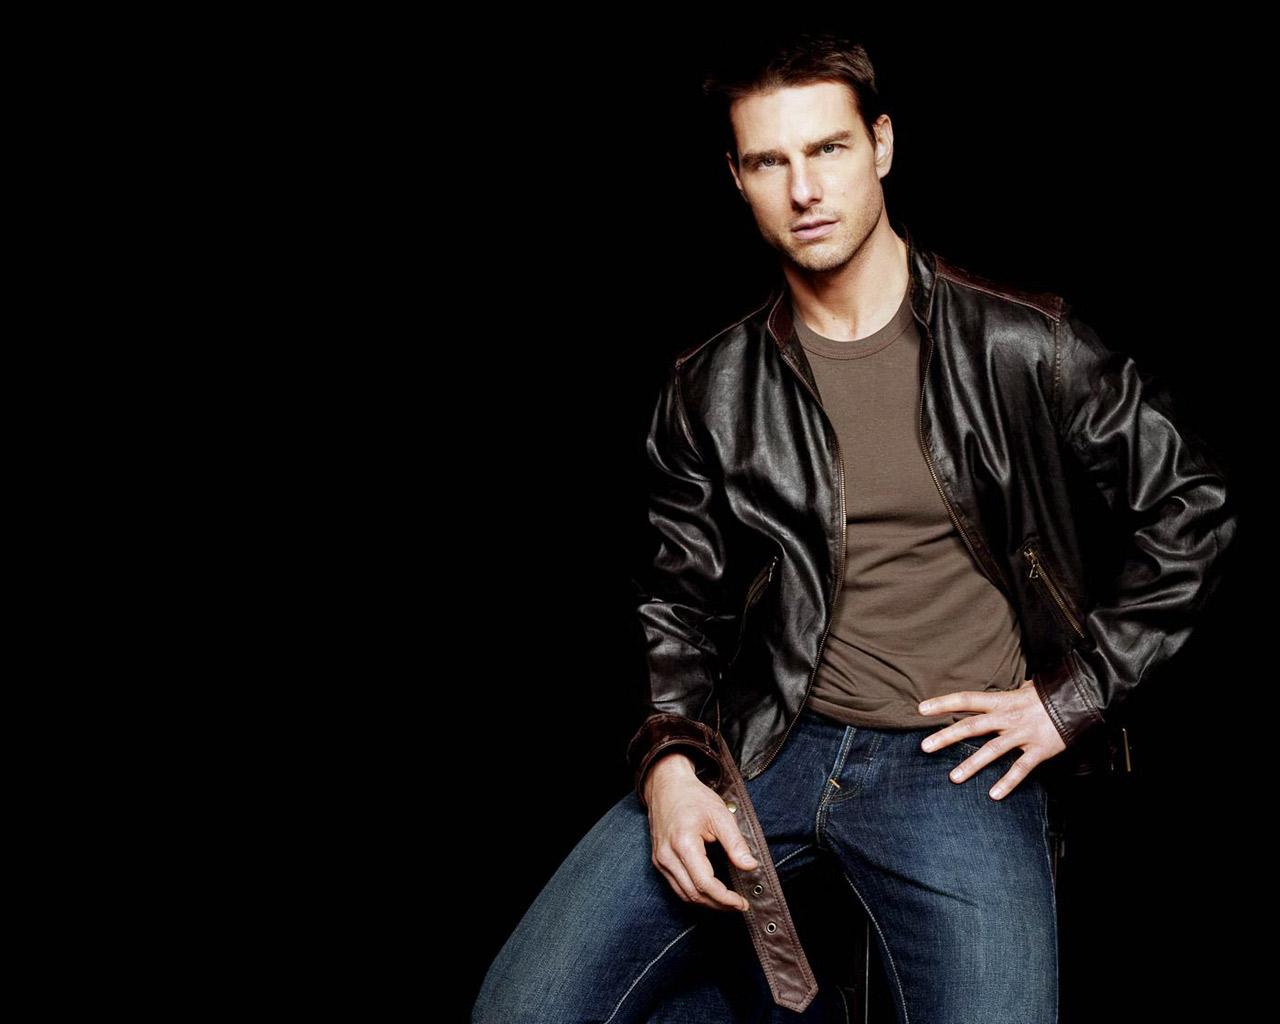 Los Ojos Del Espectador: Tom Cruise